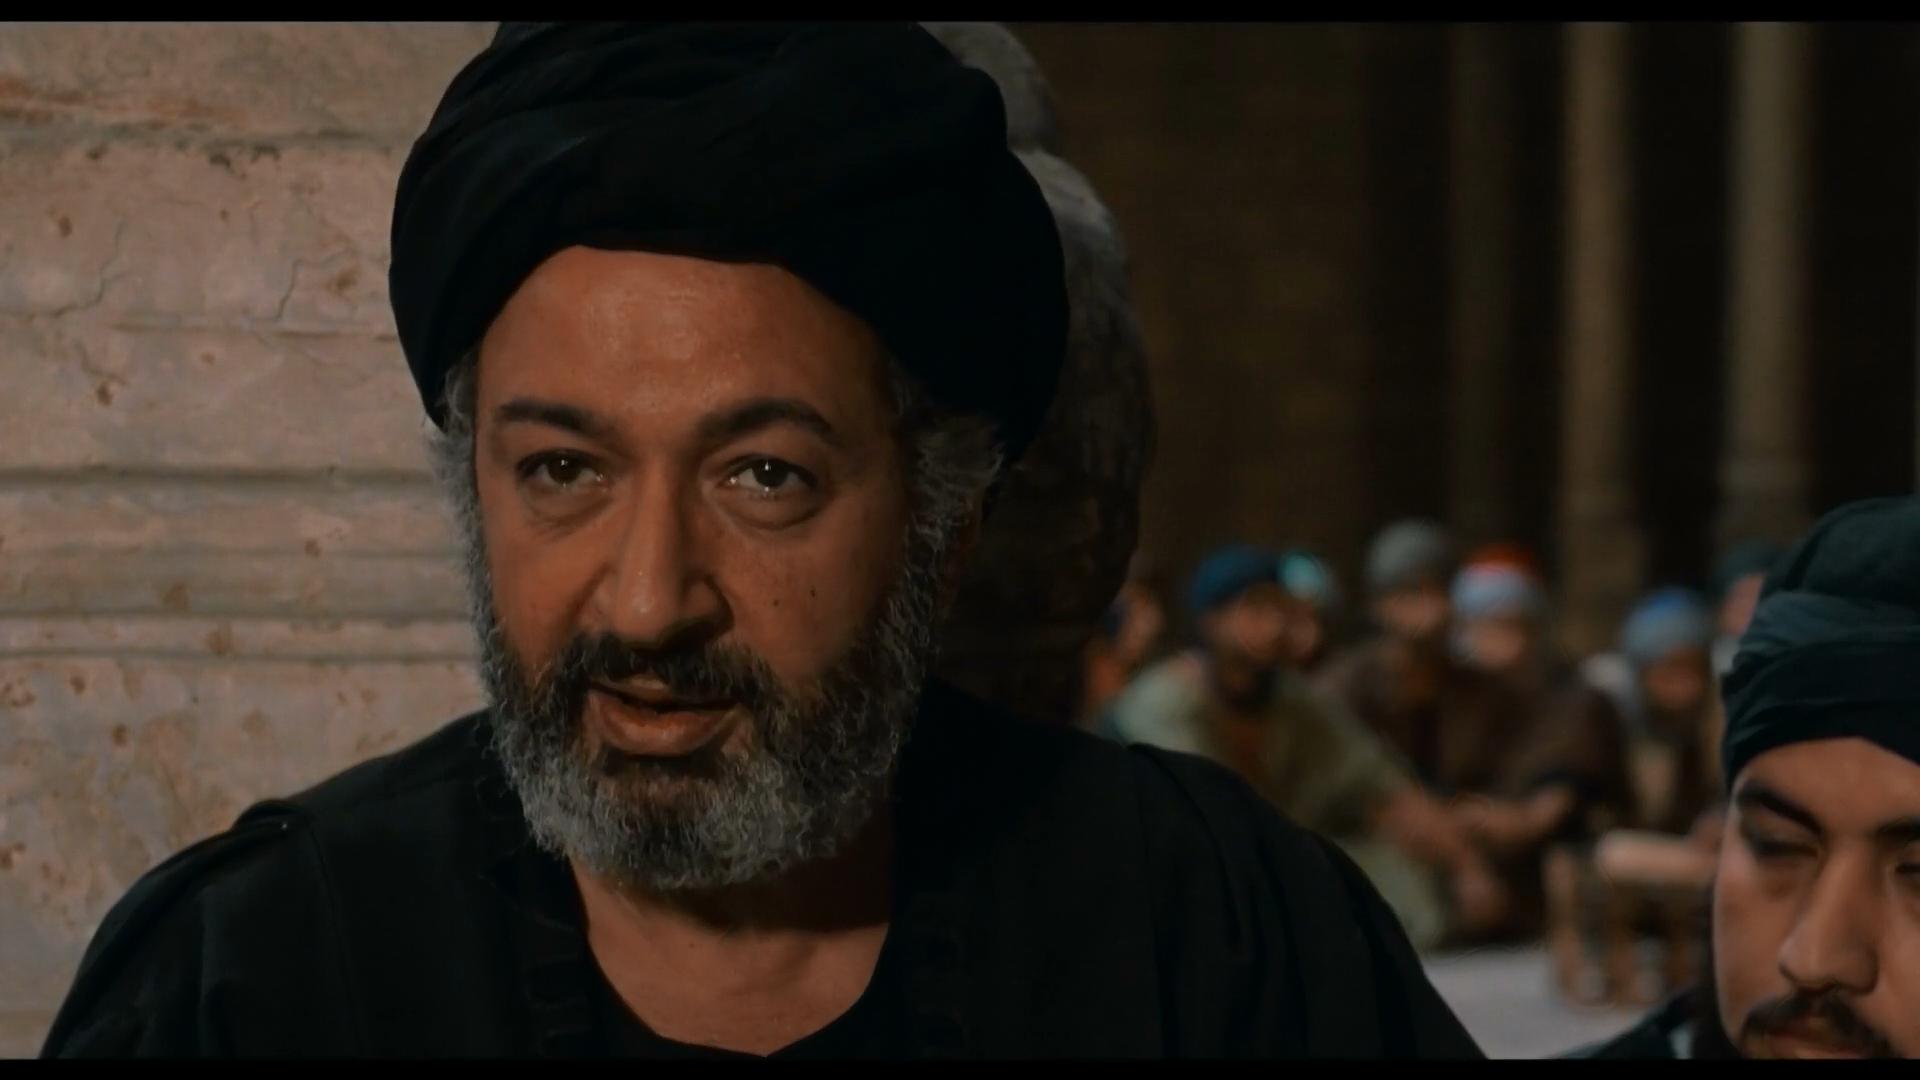 [فيلم][تورنت][تحميل][المصير][1997][1080p][HDTV] 5 arabp2p.com